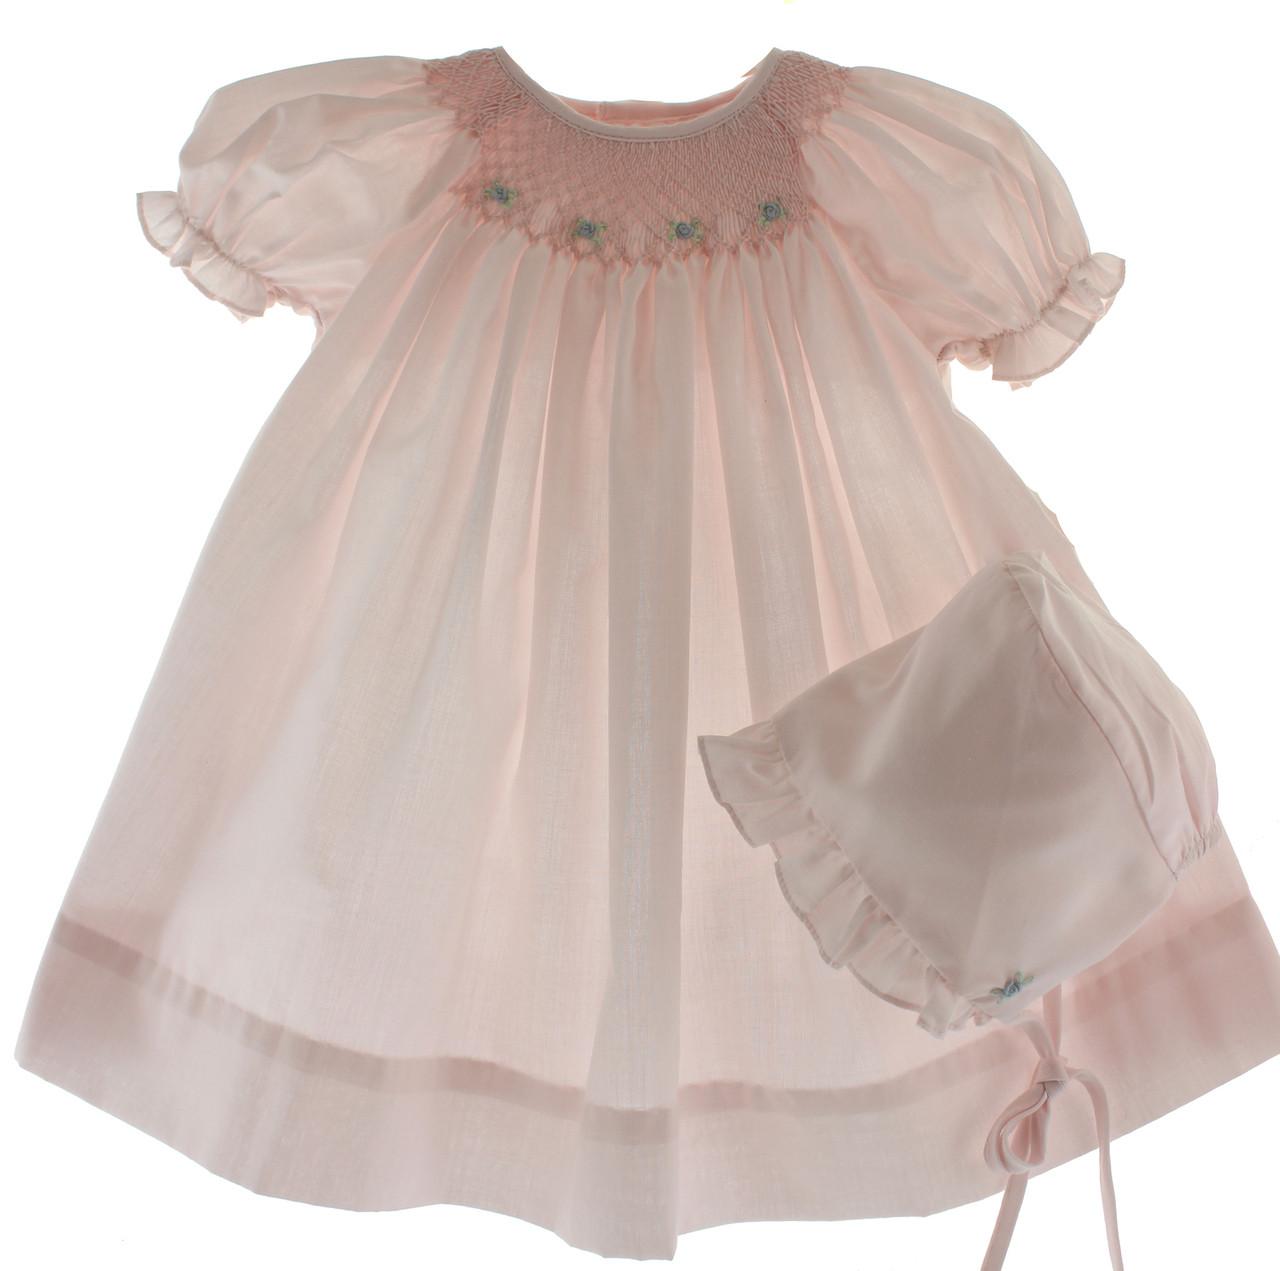 d04088b987f5 Premature Dresses